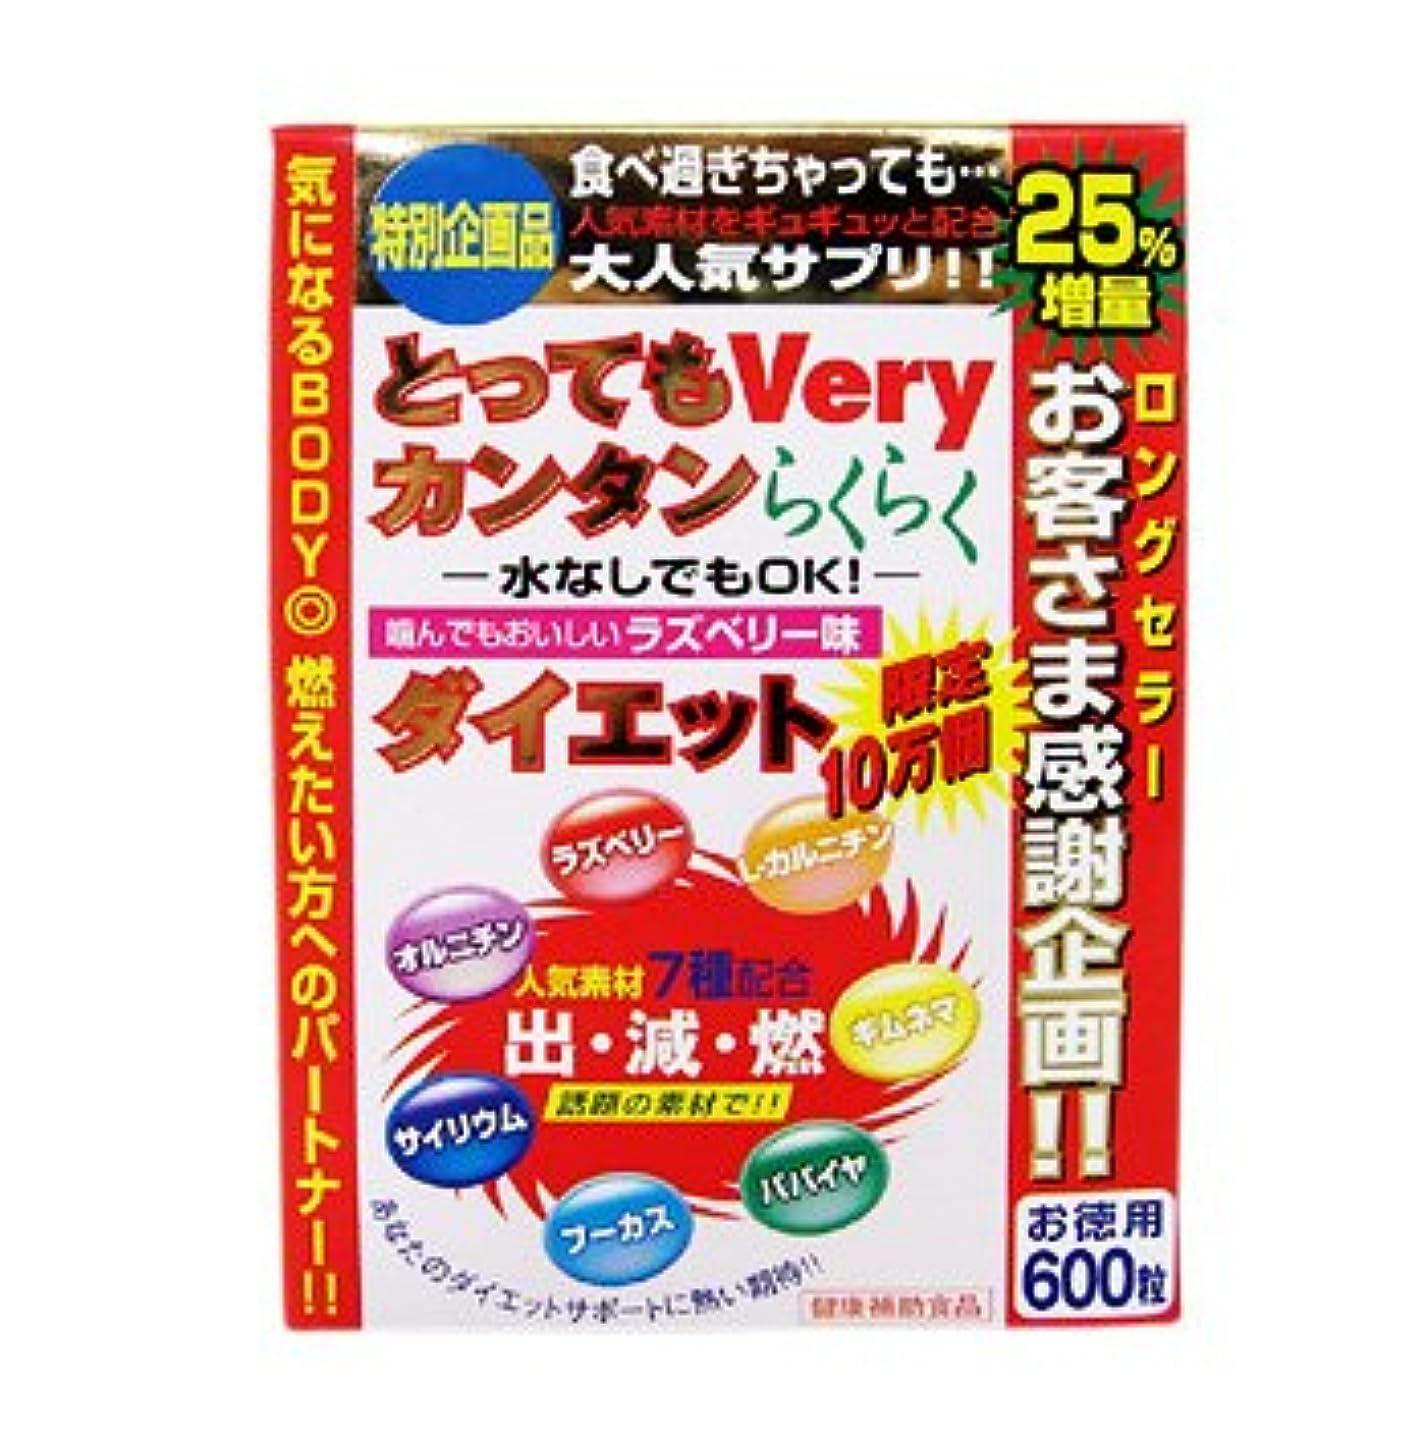 チョーク一過性解放ジャパンギャルズ とってもVery カンタンらくらくダイエット お徳用 600粒 とってもベリー×10個セット